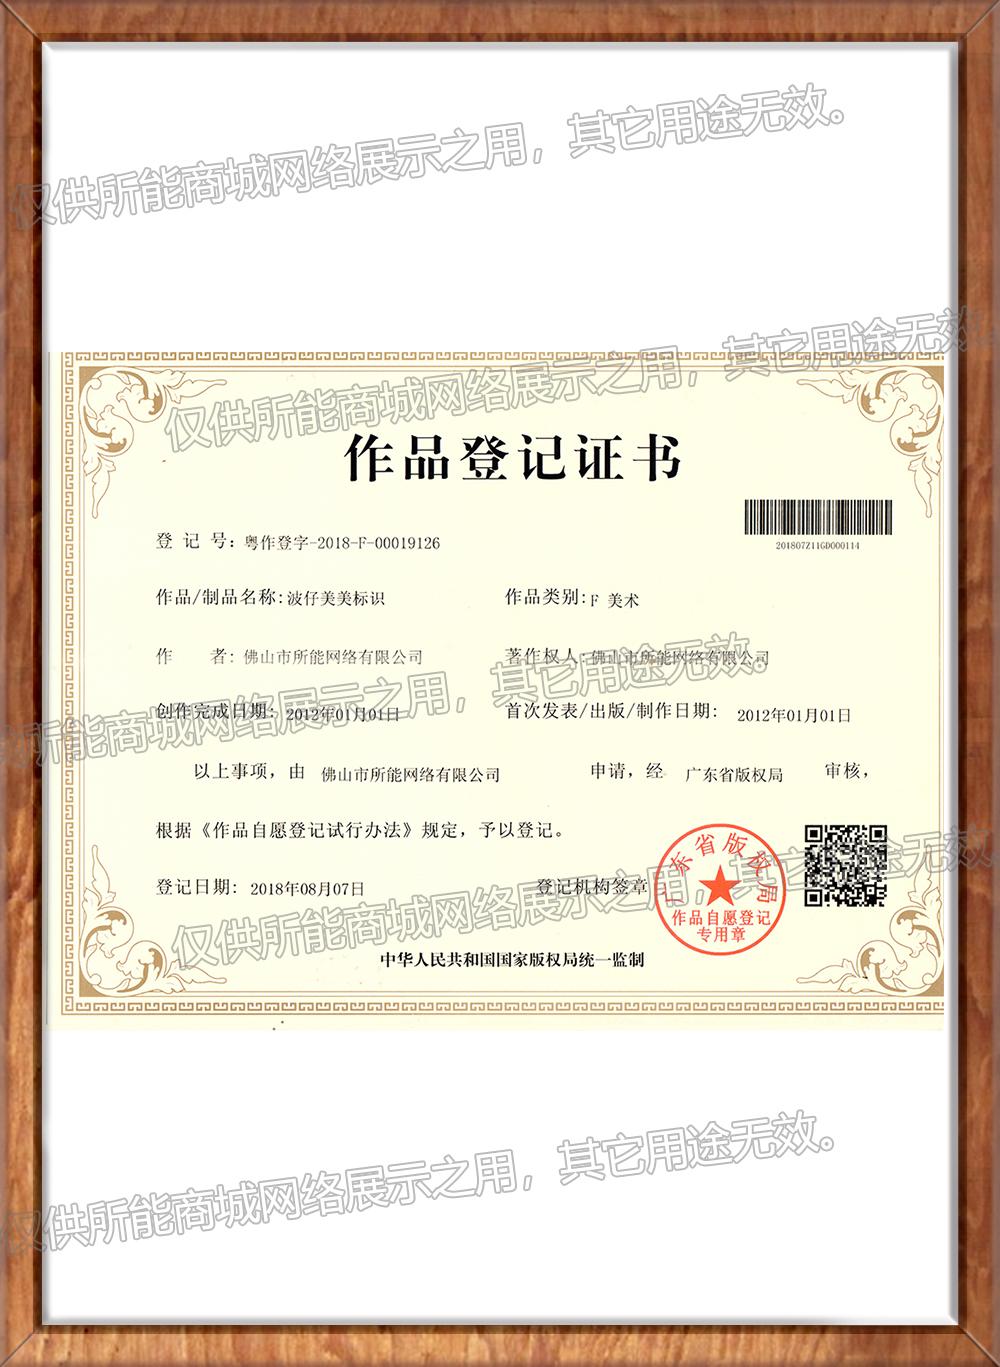 《波仔美美标识》作品登记证书